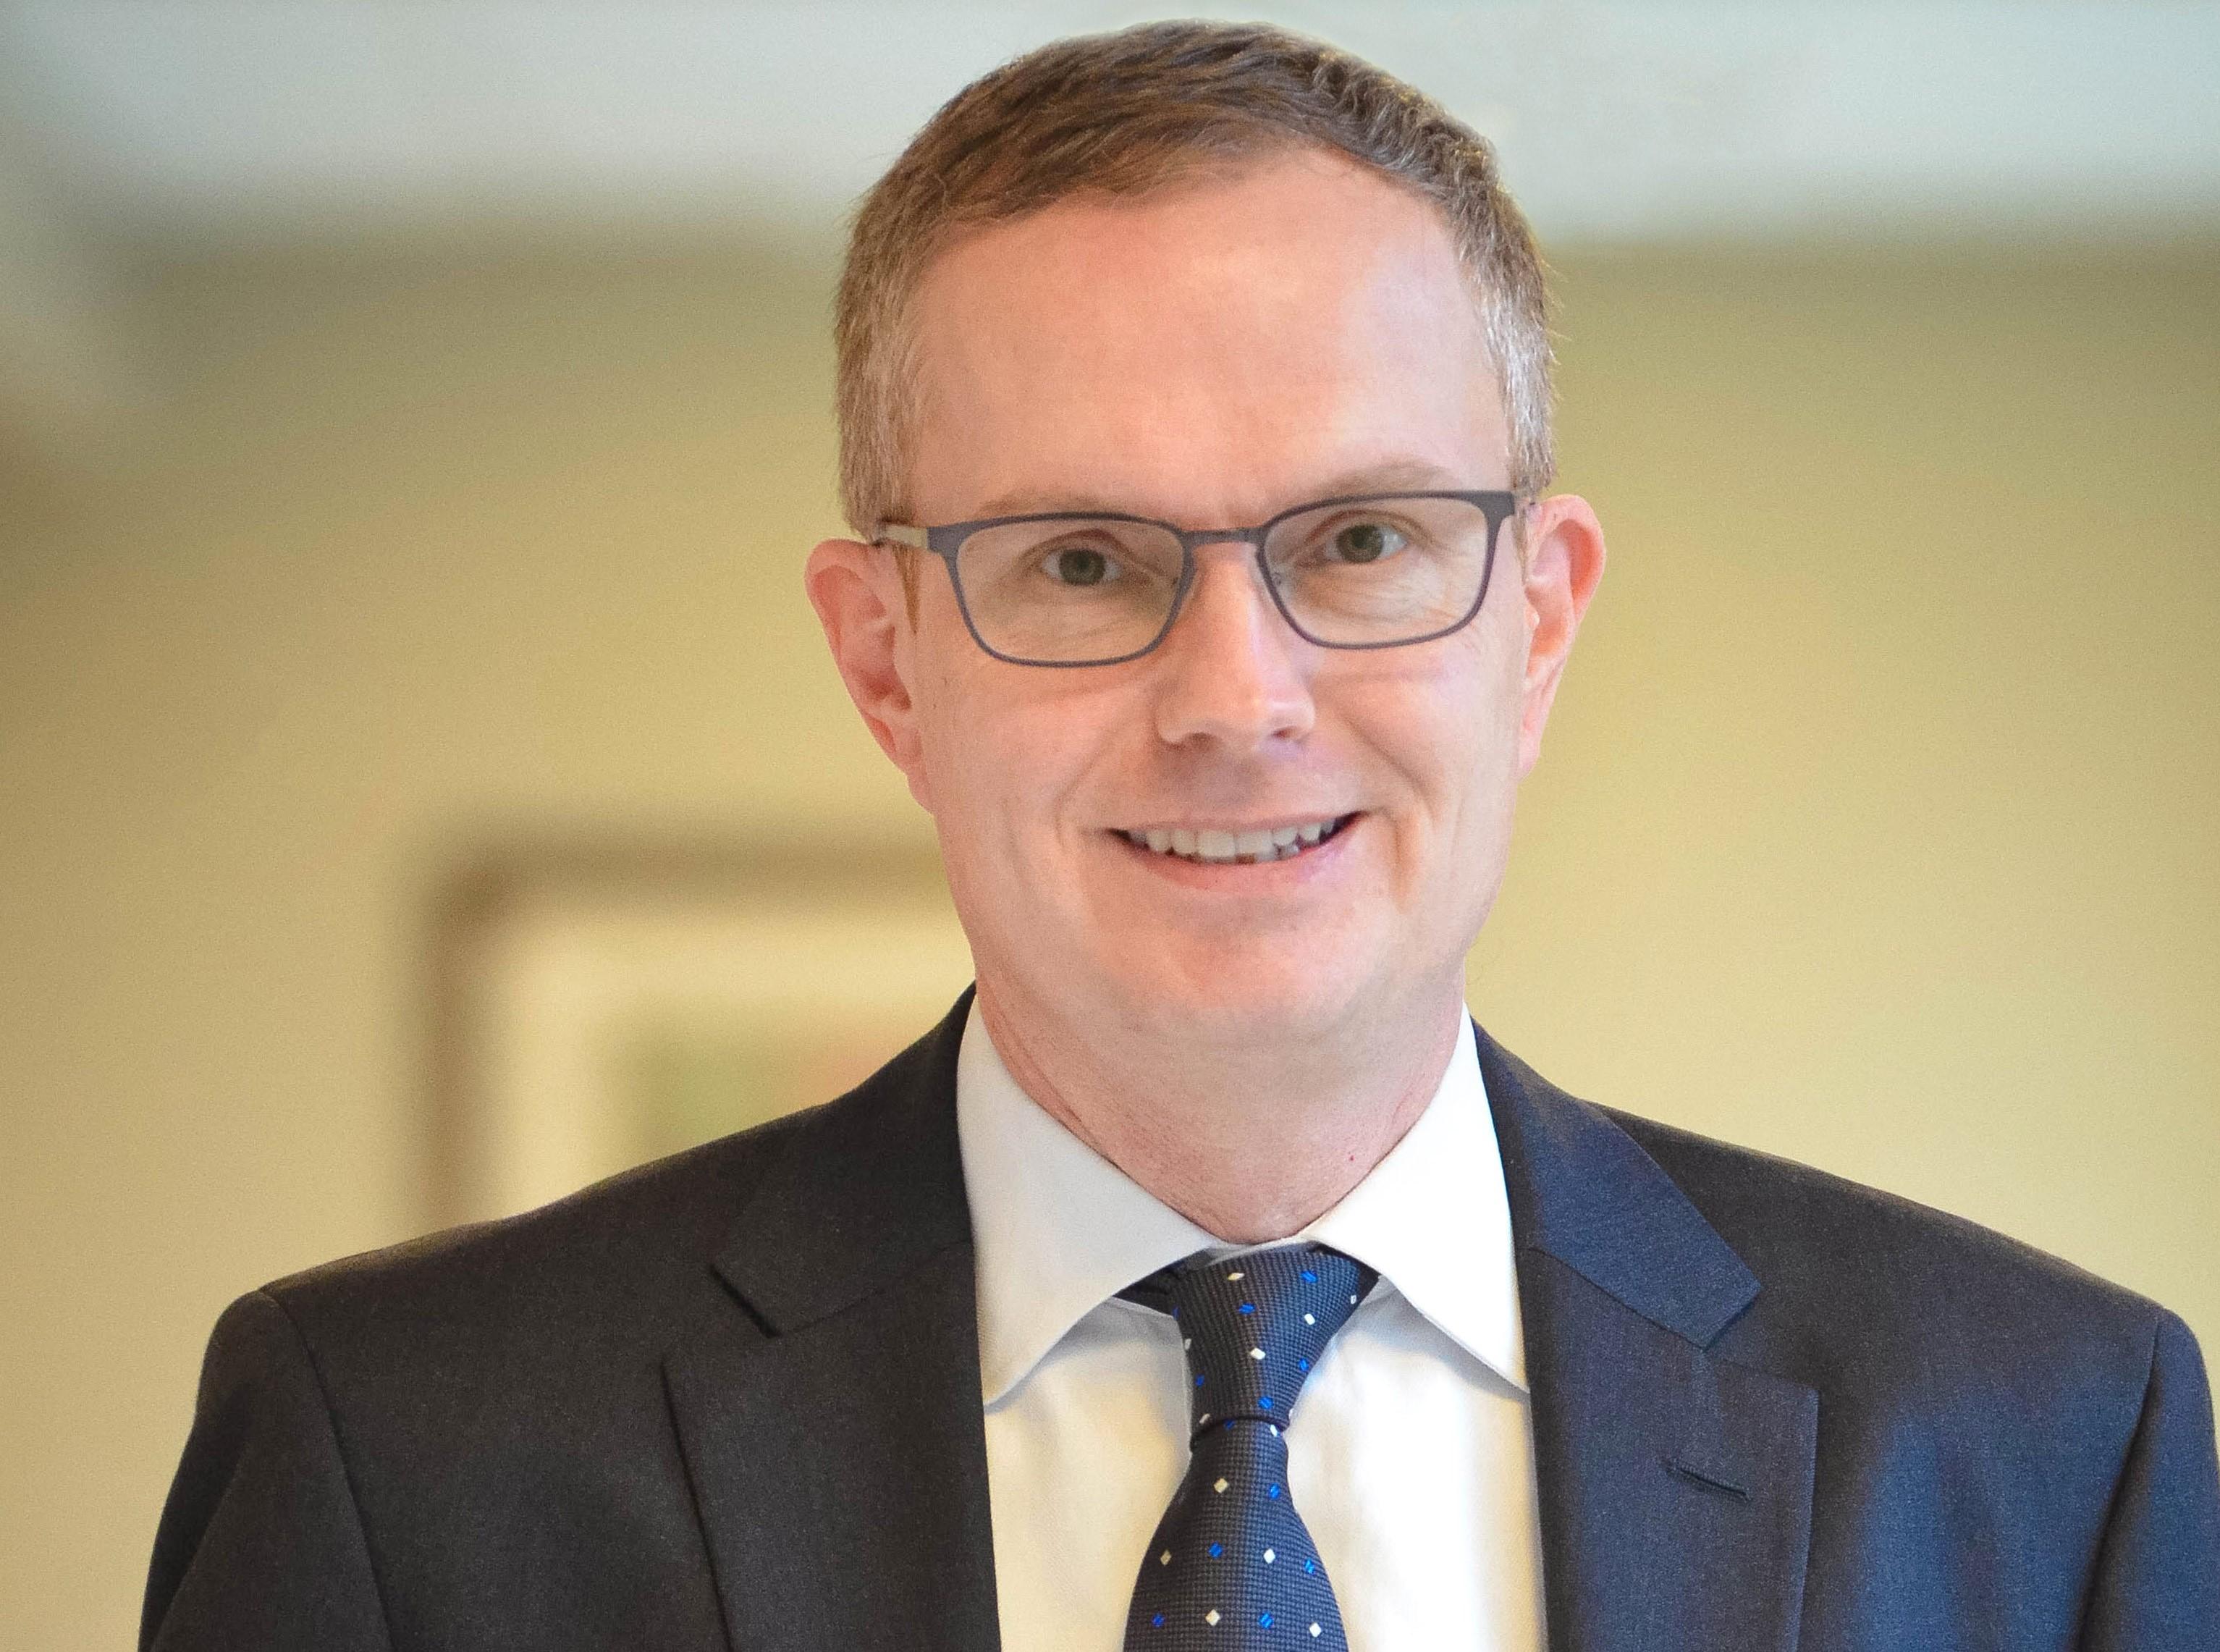 Dr. Chris Hall